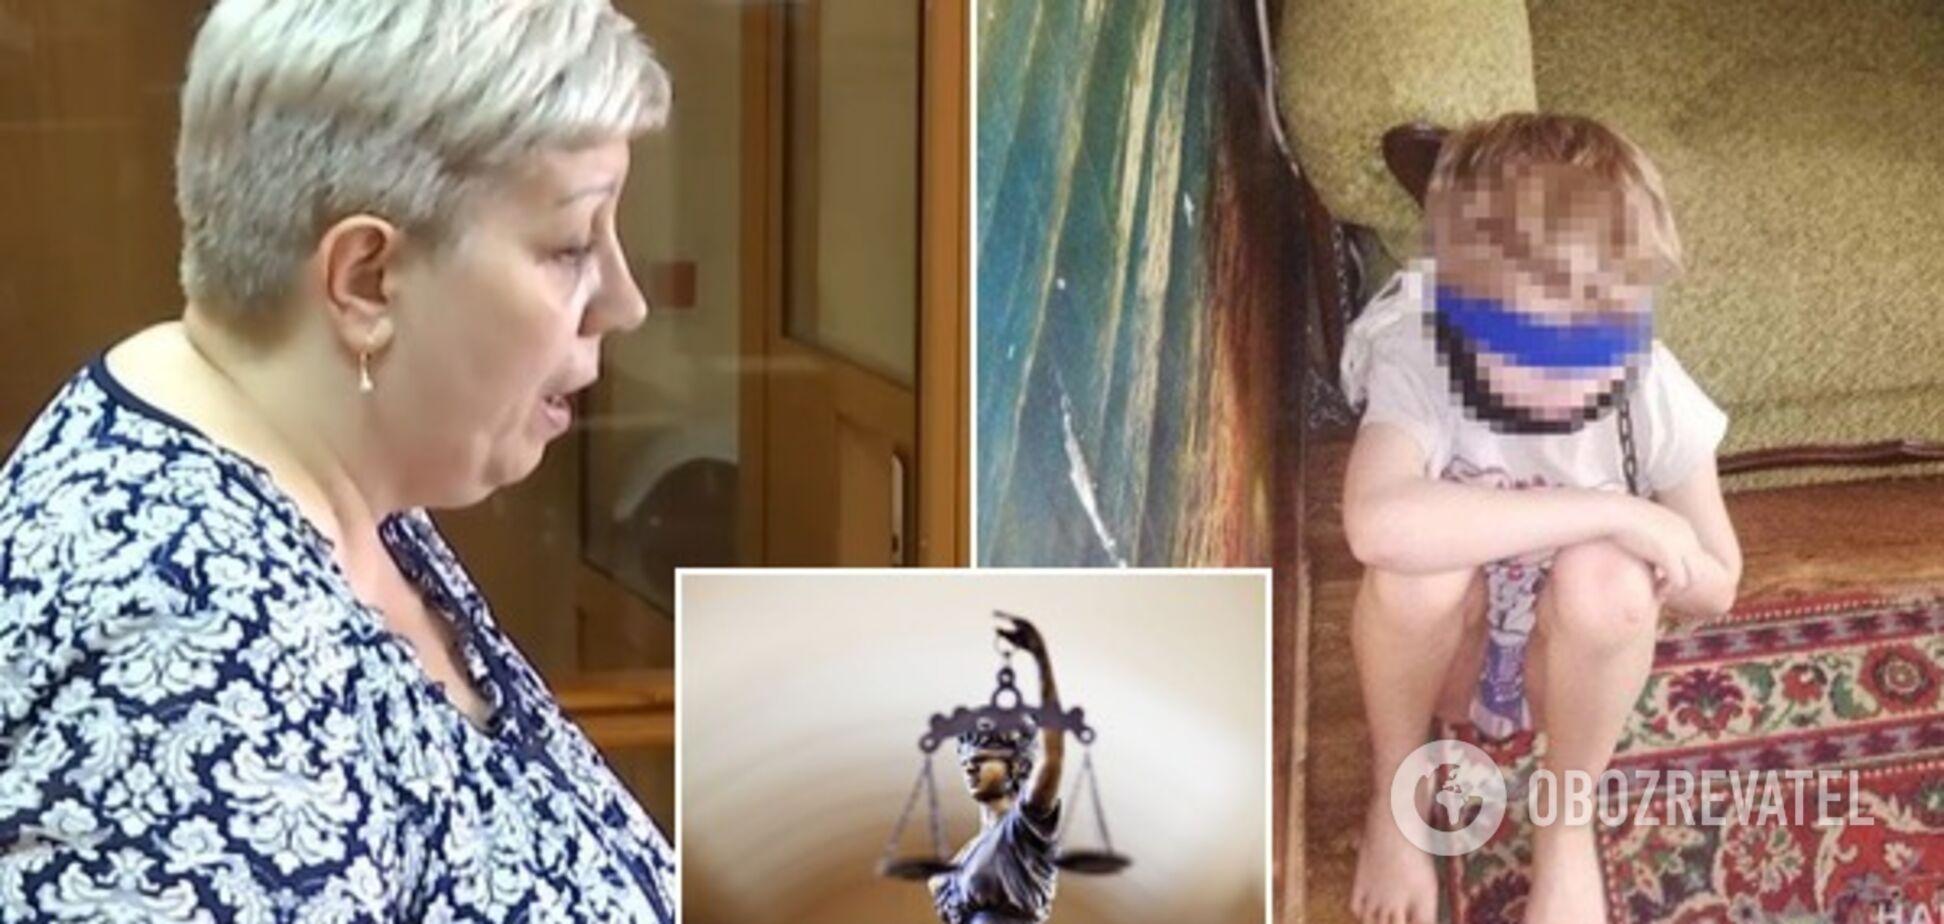 Садила на ланцюг і зав'язувала рот: суд у Дніпрі вирішив долю жорстокої матері